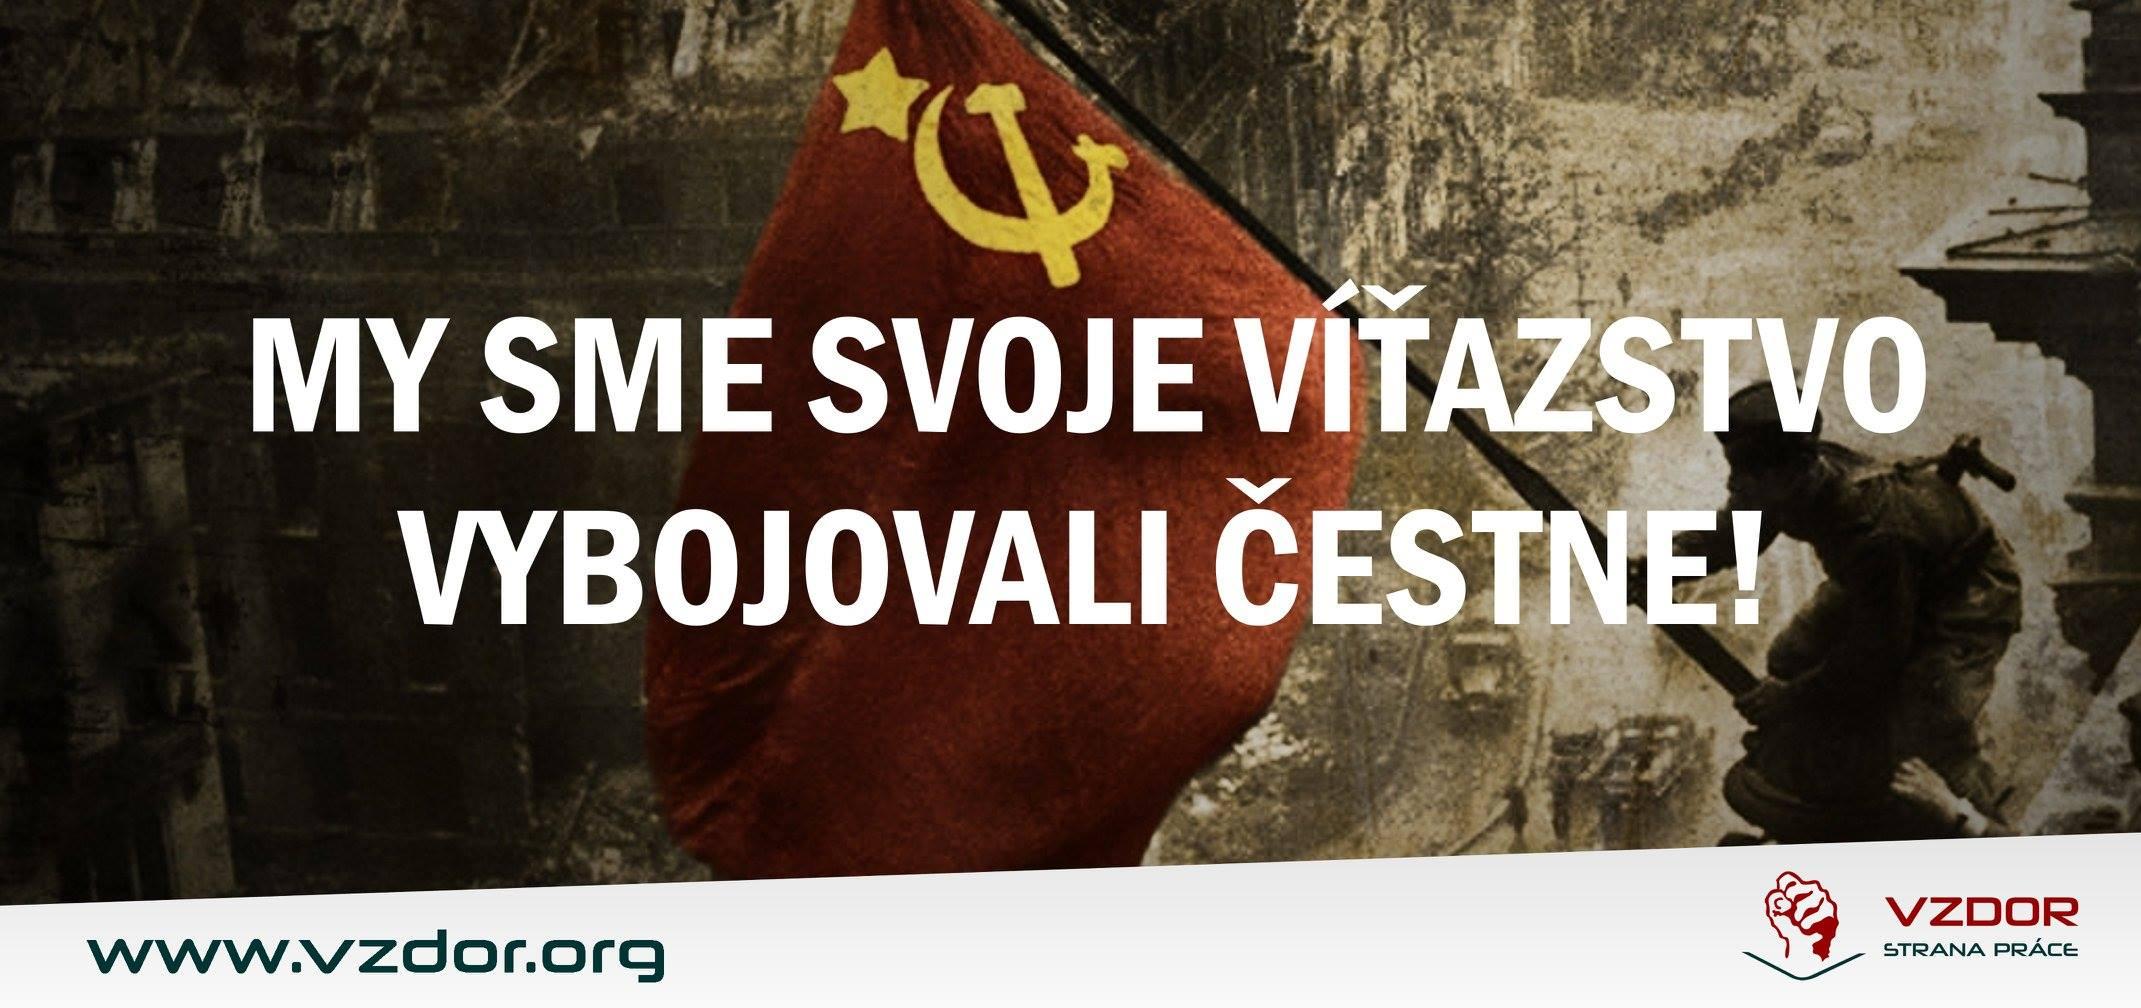 Miestna organizácia Vzdoru-strany práce a KSS na Liptove si uctili víťazstvo nad fašizmom